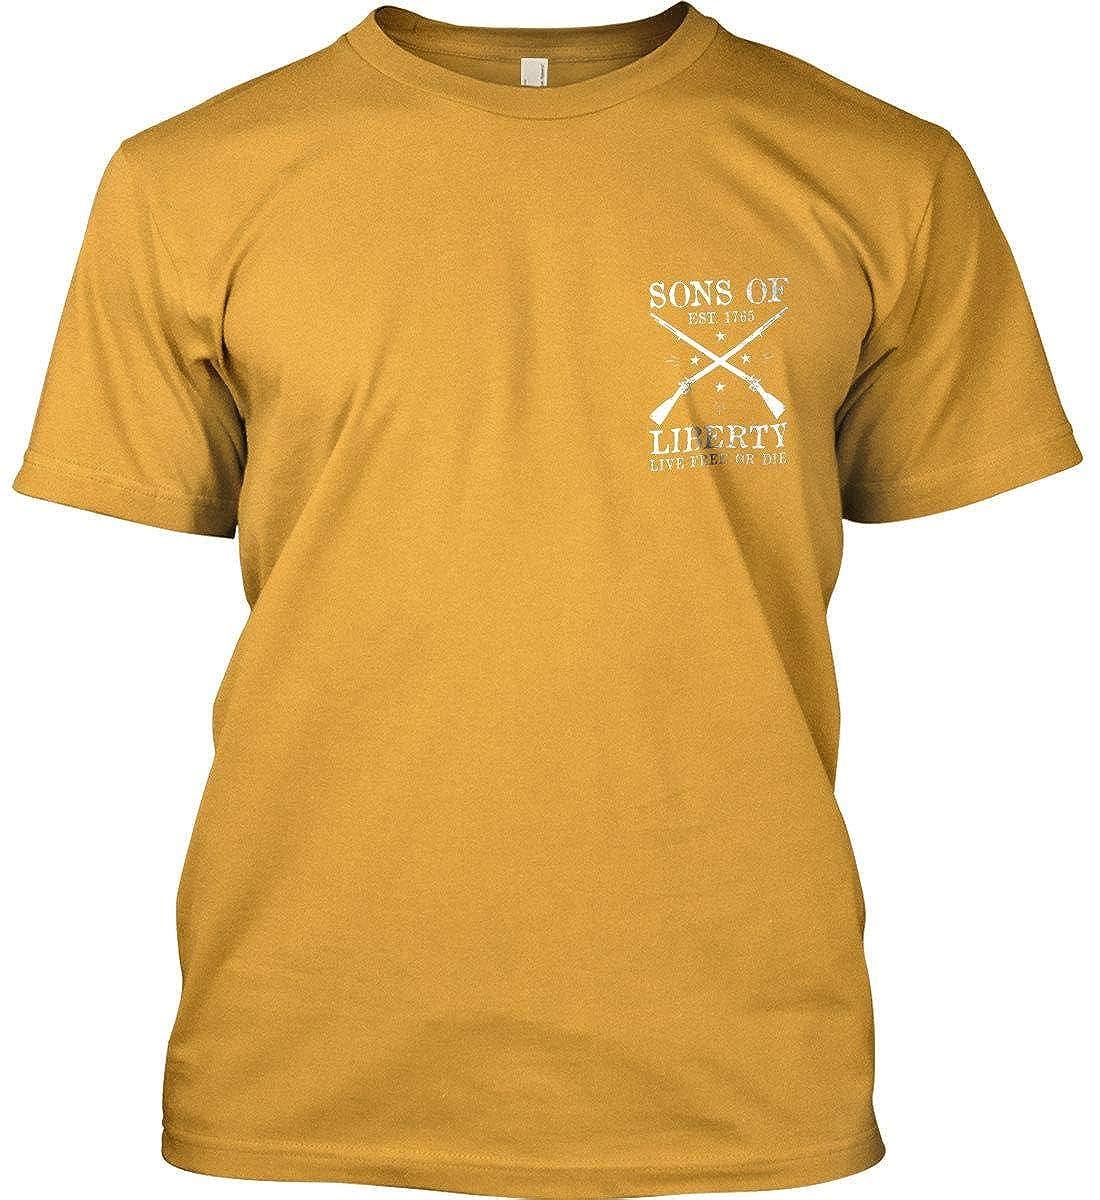 You Dont Always Need a Plan bro Gildan T-Shirt